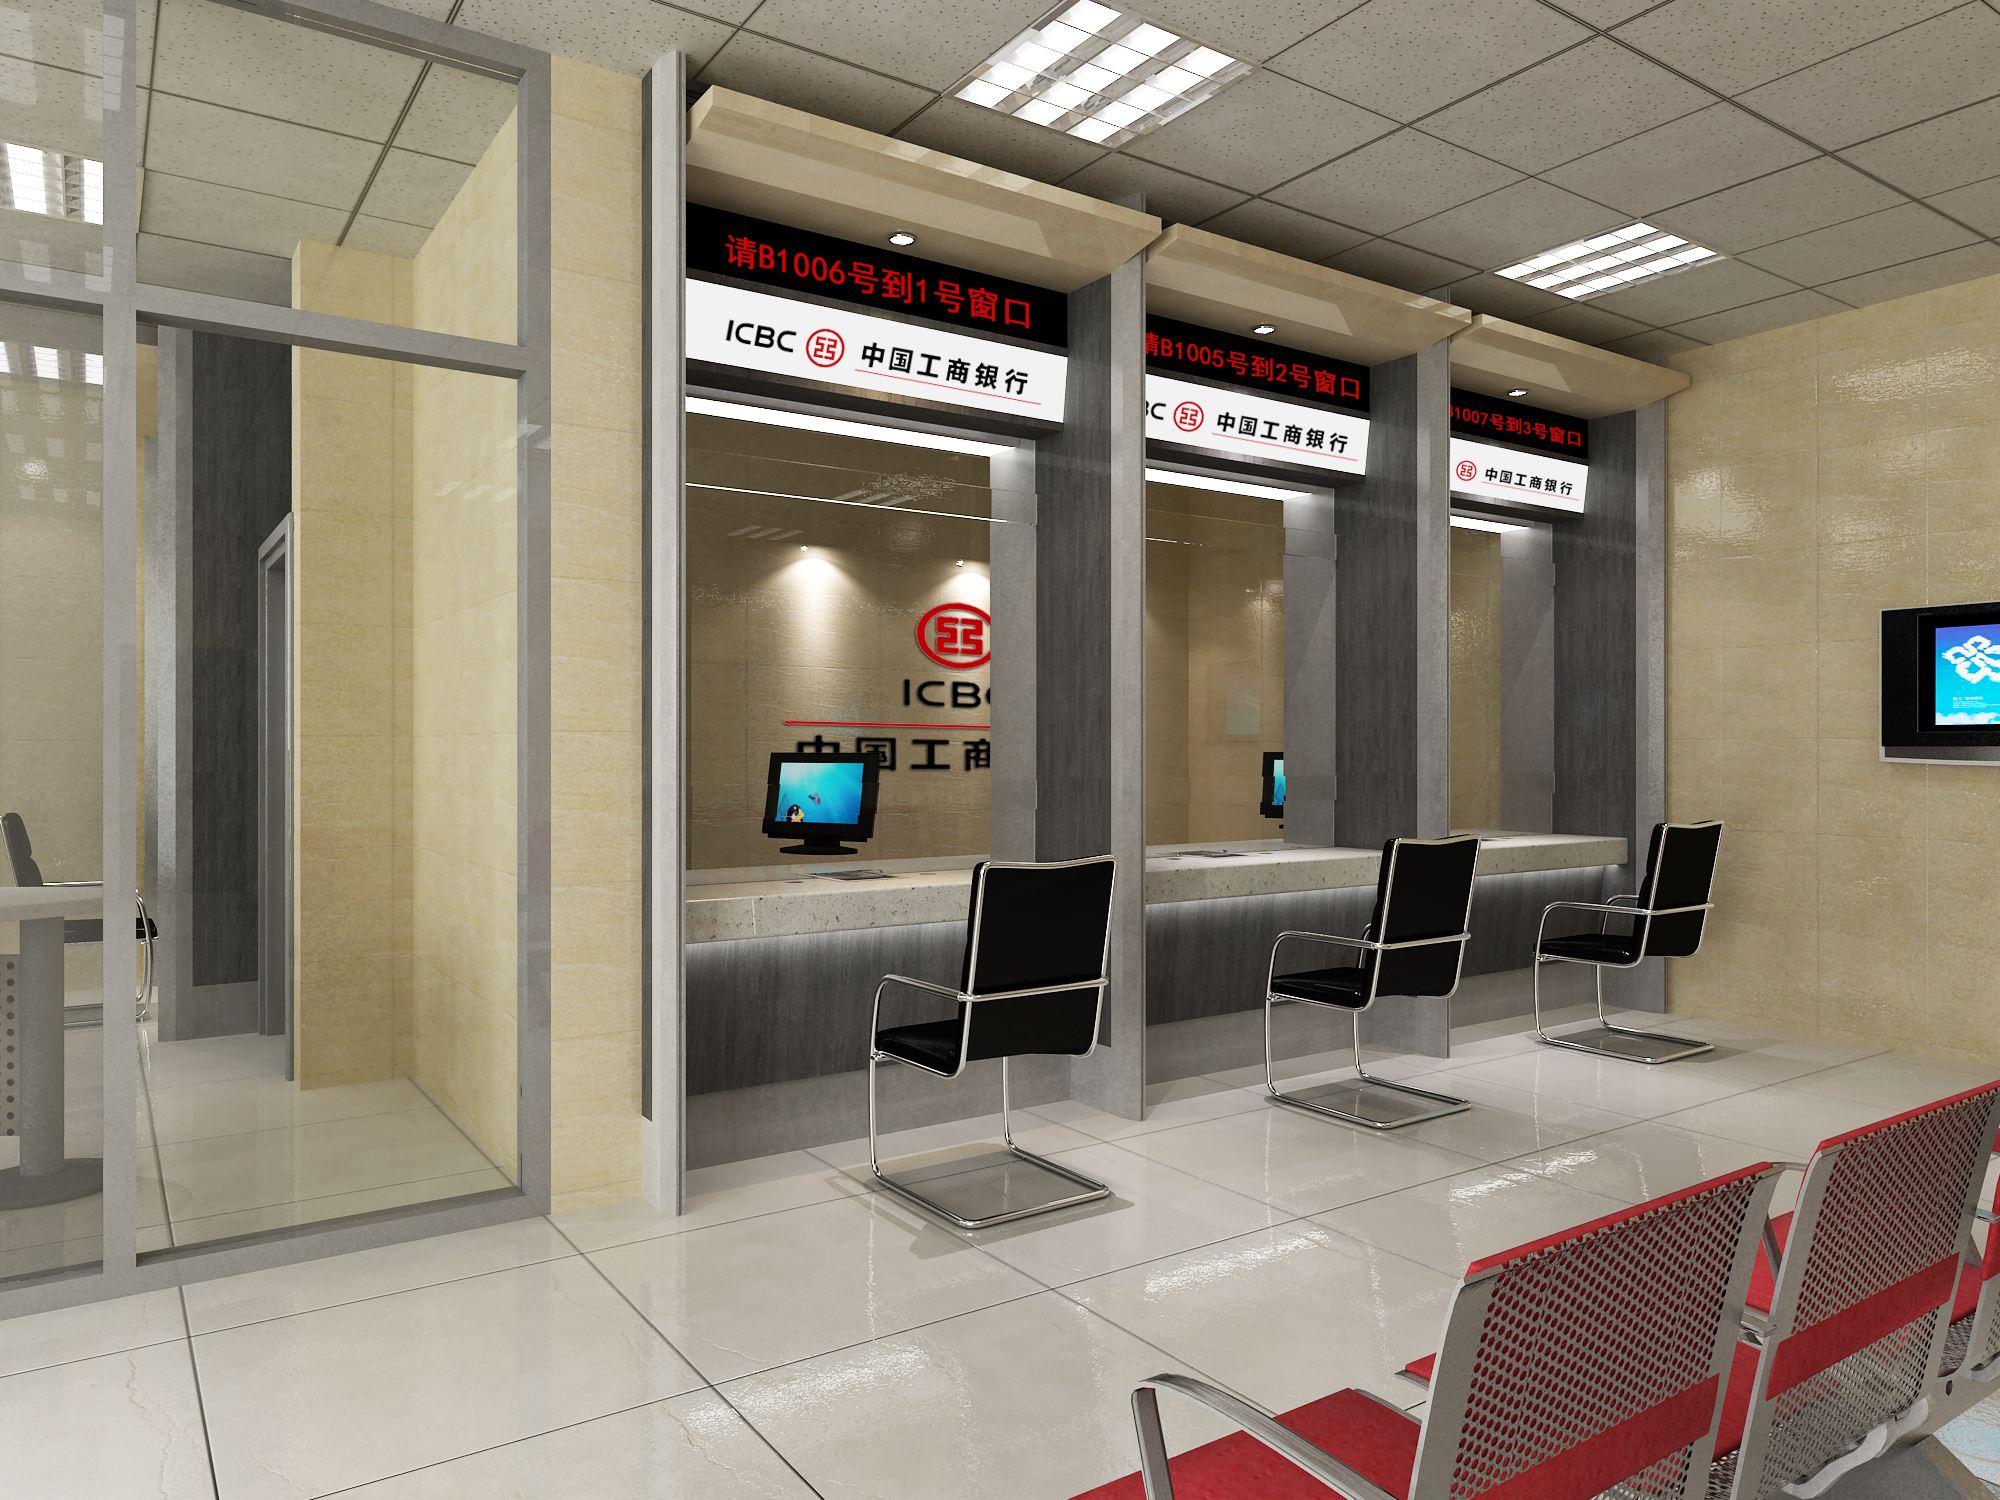 湖南省银行防弹膜,银行营业网点柜台防爆膜